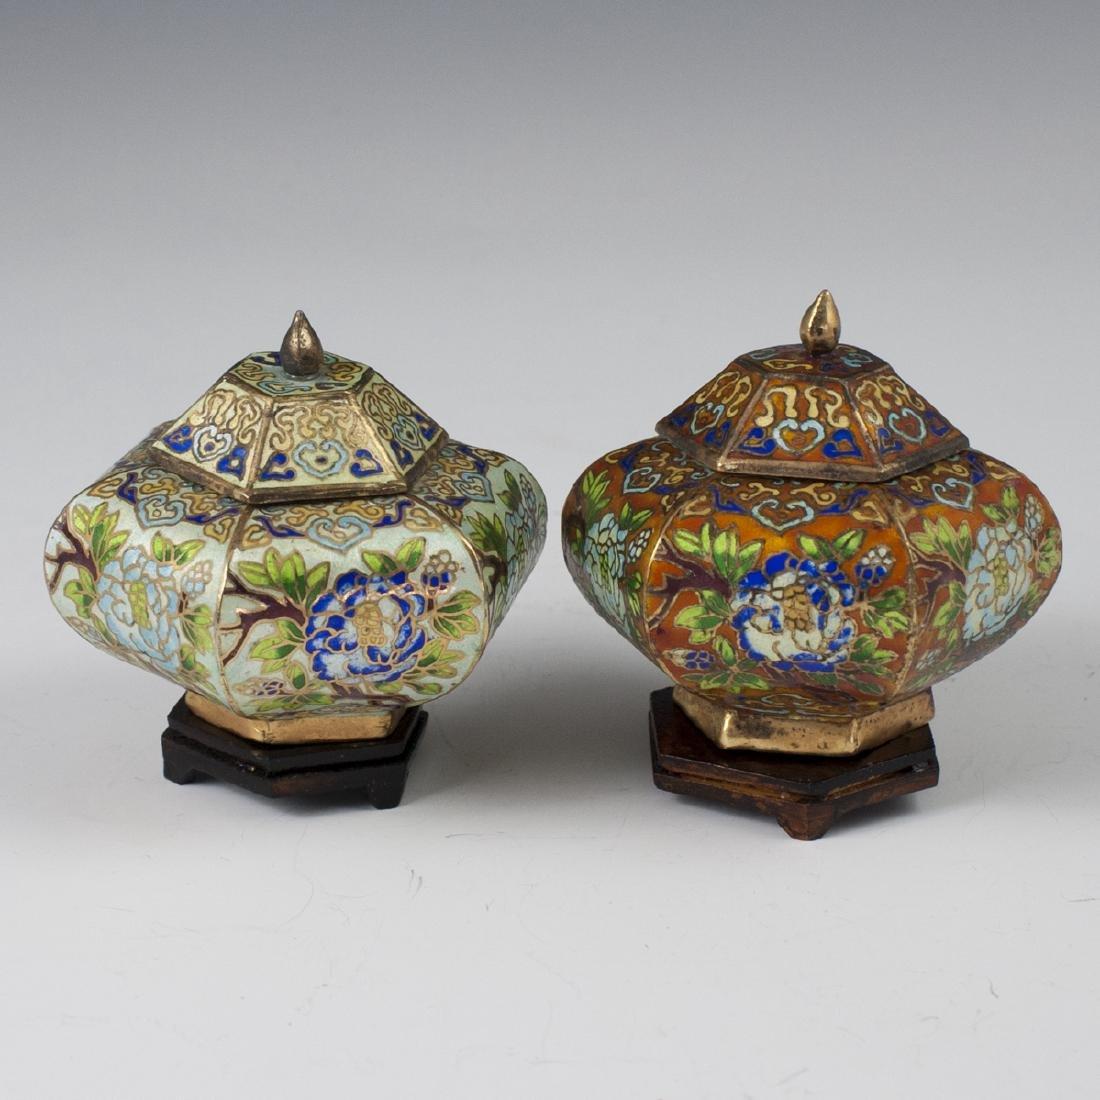 Chinese Cloisonne Enameled Jars